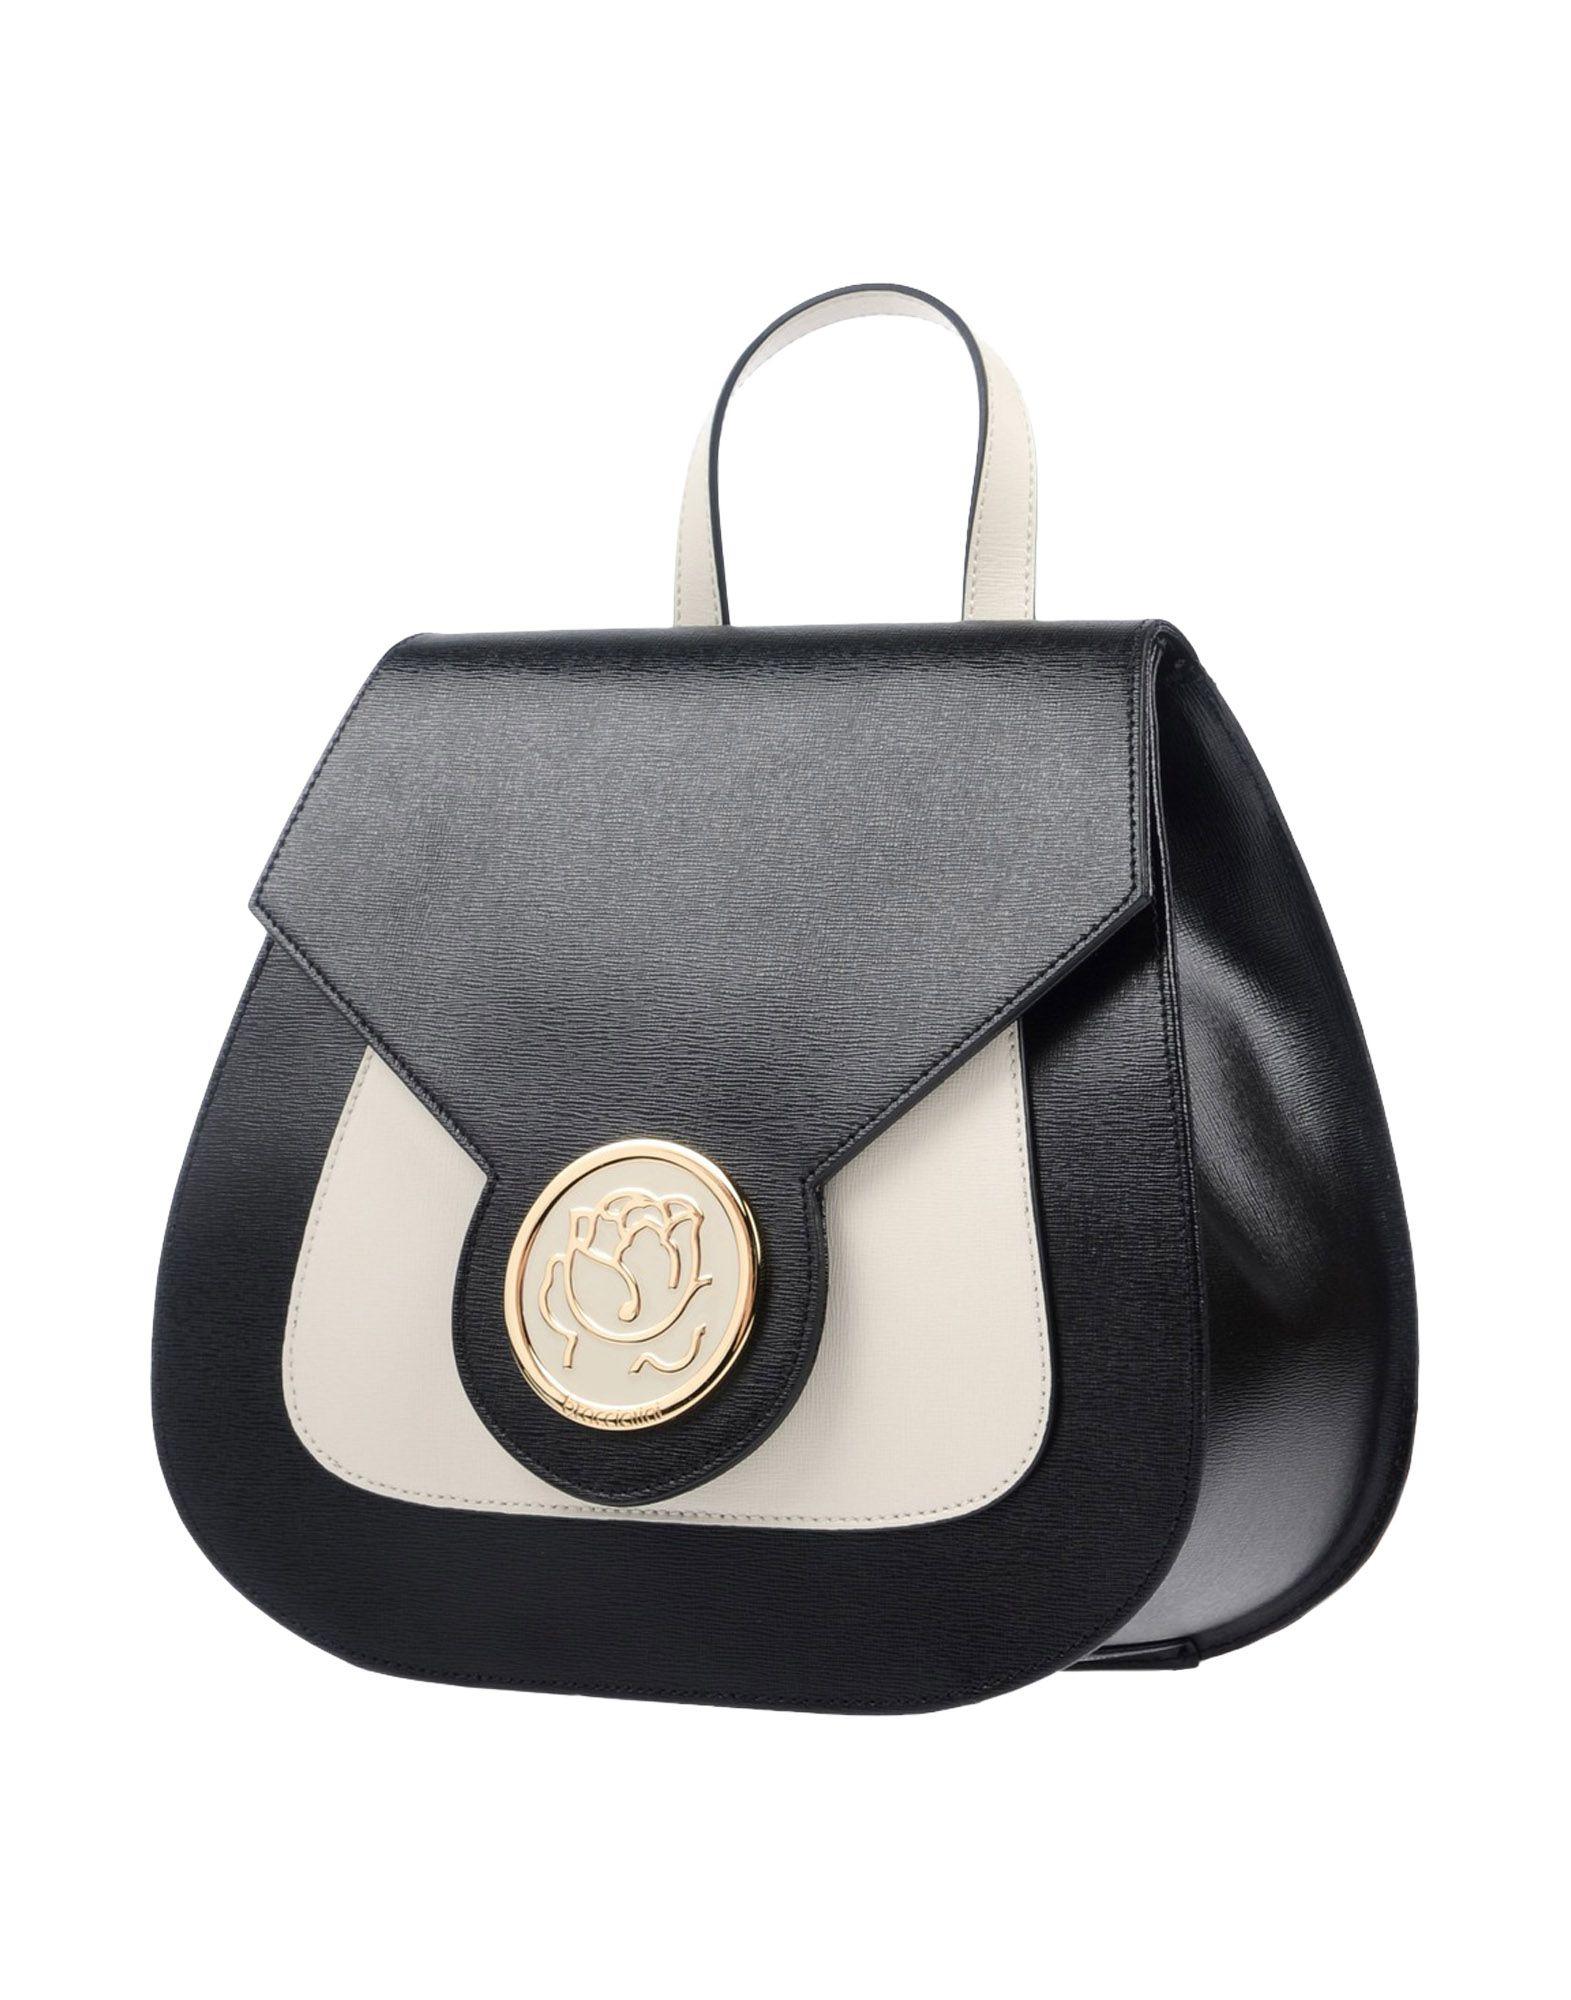 BRACCIALINI Рюкзаки и сумки на пояс дизайнер высокое качество натуральная кожа женские винтажные овчины твердые школьные сумки mochilas mujer 2017 рюкзаки для девочек